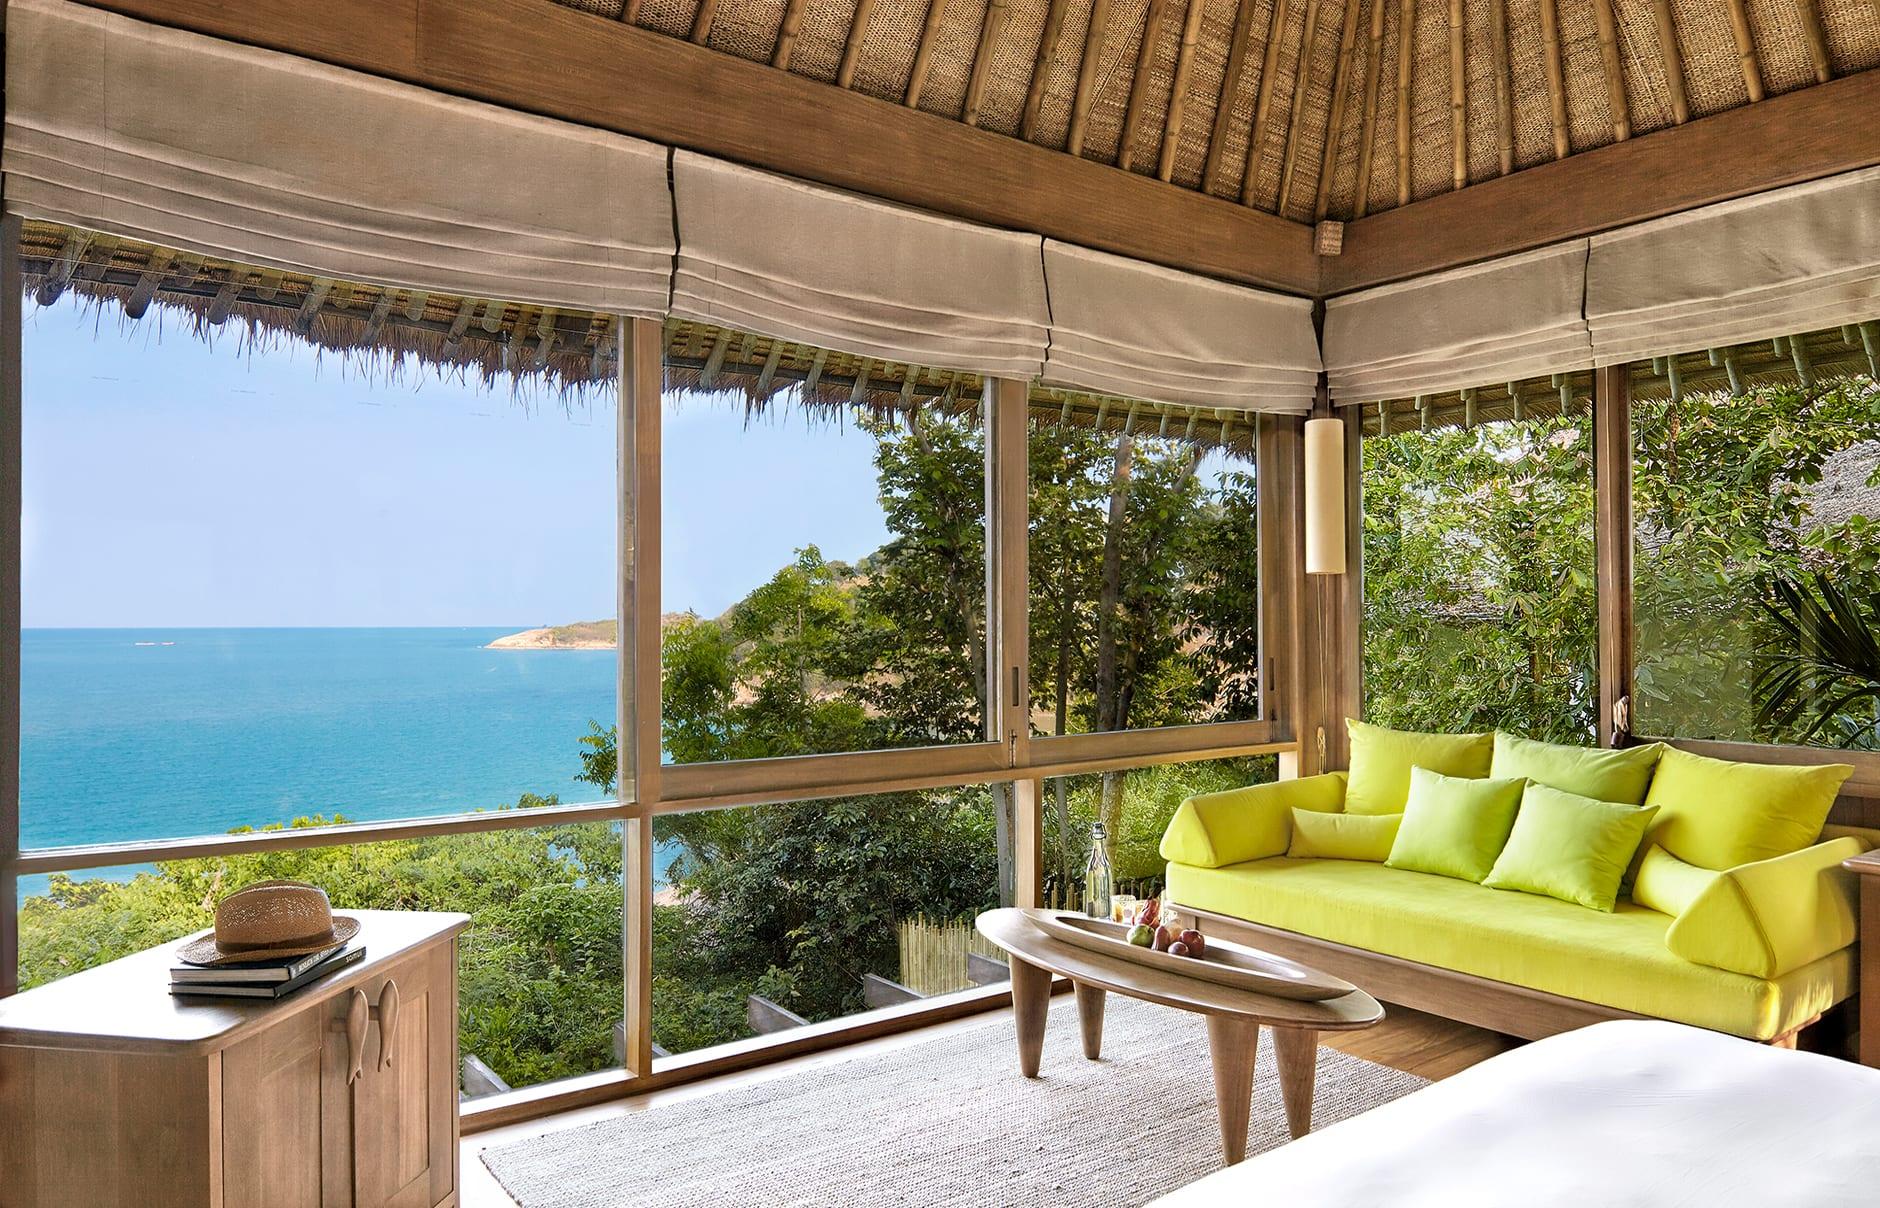 Ocean View Pool Villa. Six Senses Samui, Thailand. © Six Senses Resorts & Spas